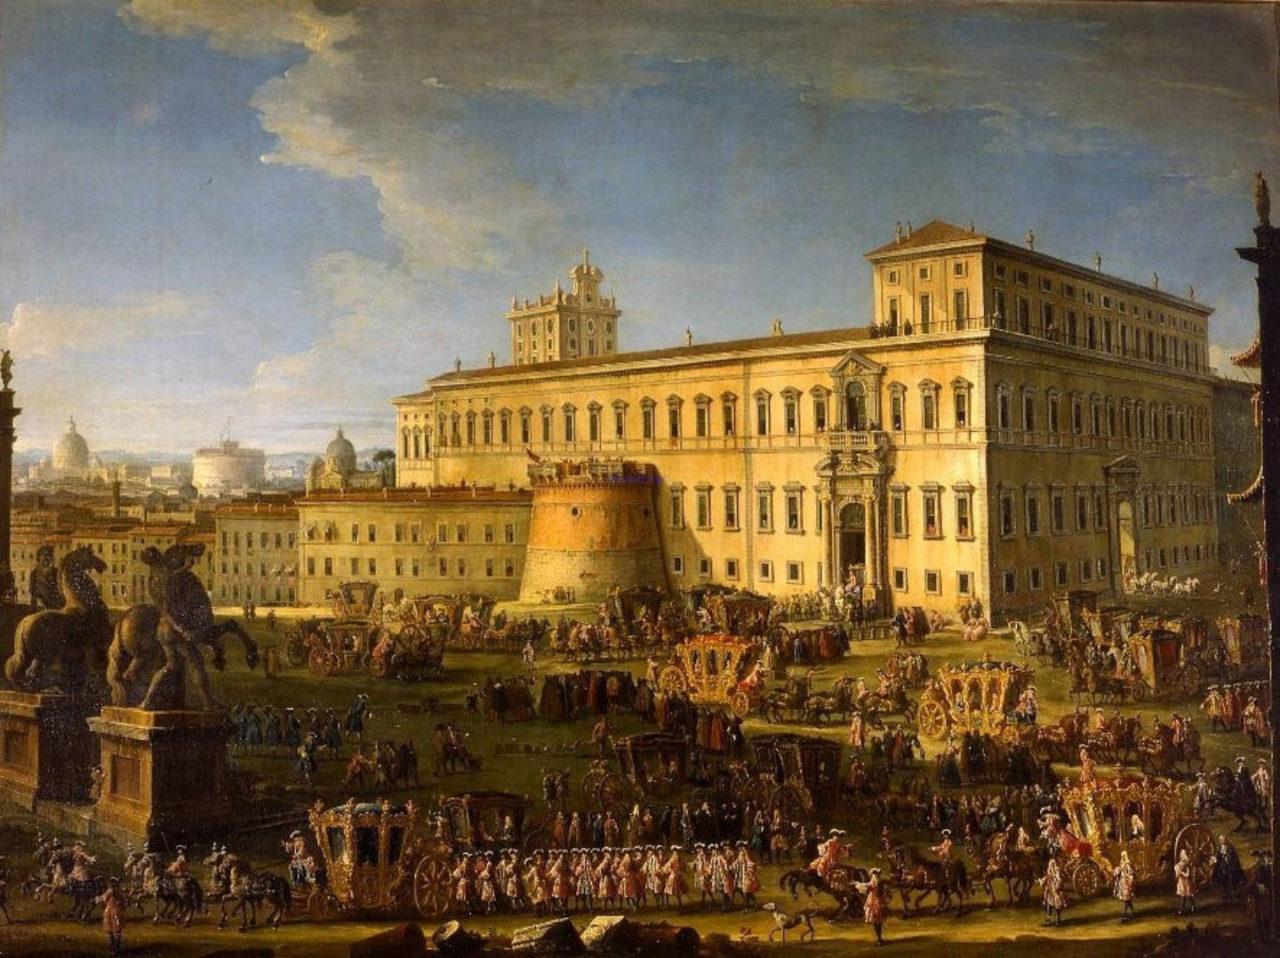 https://thesubmarine.it/wp-content/uploads/2018/06/Il_corteo_dellambasciatore_veneziano_Alvise_Mocenigo_dopo_ludienza_papale_nel_palazzo_del_Quirinale-1280x958.jpg